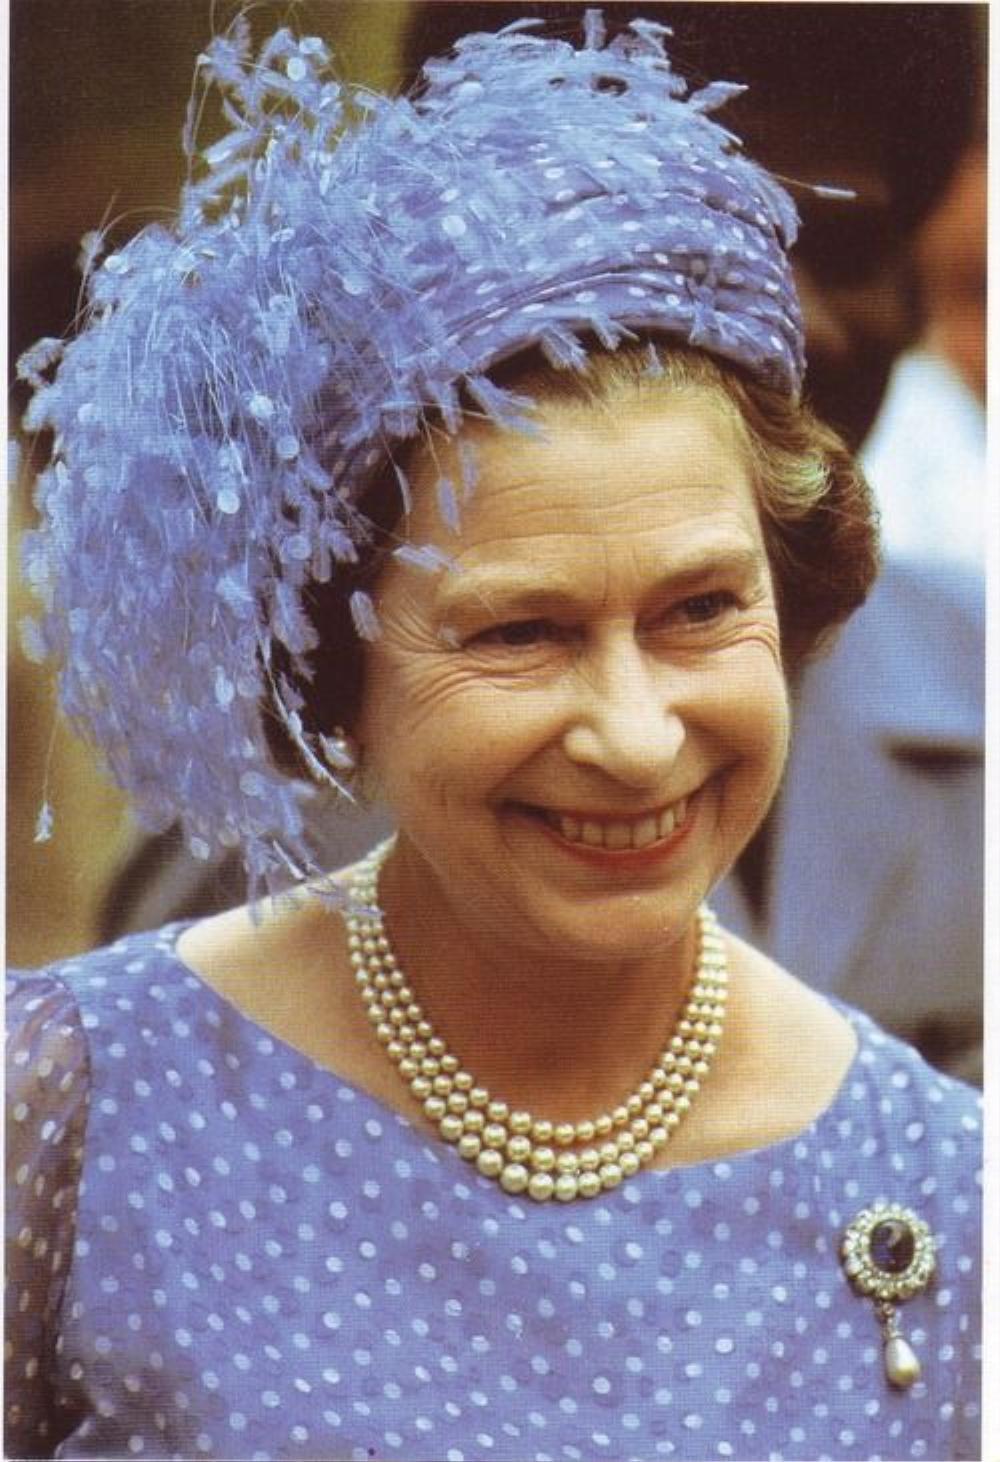 Bí ẩn tủ đồ Hoàng gia: Ý nghĩa hoa cài áo của phụ nữ Hoàng gia Anh Ảnh 2